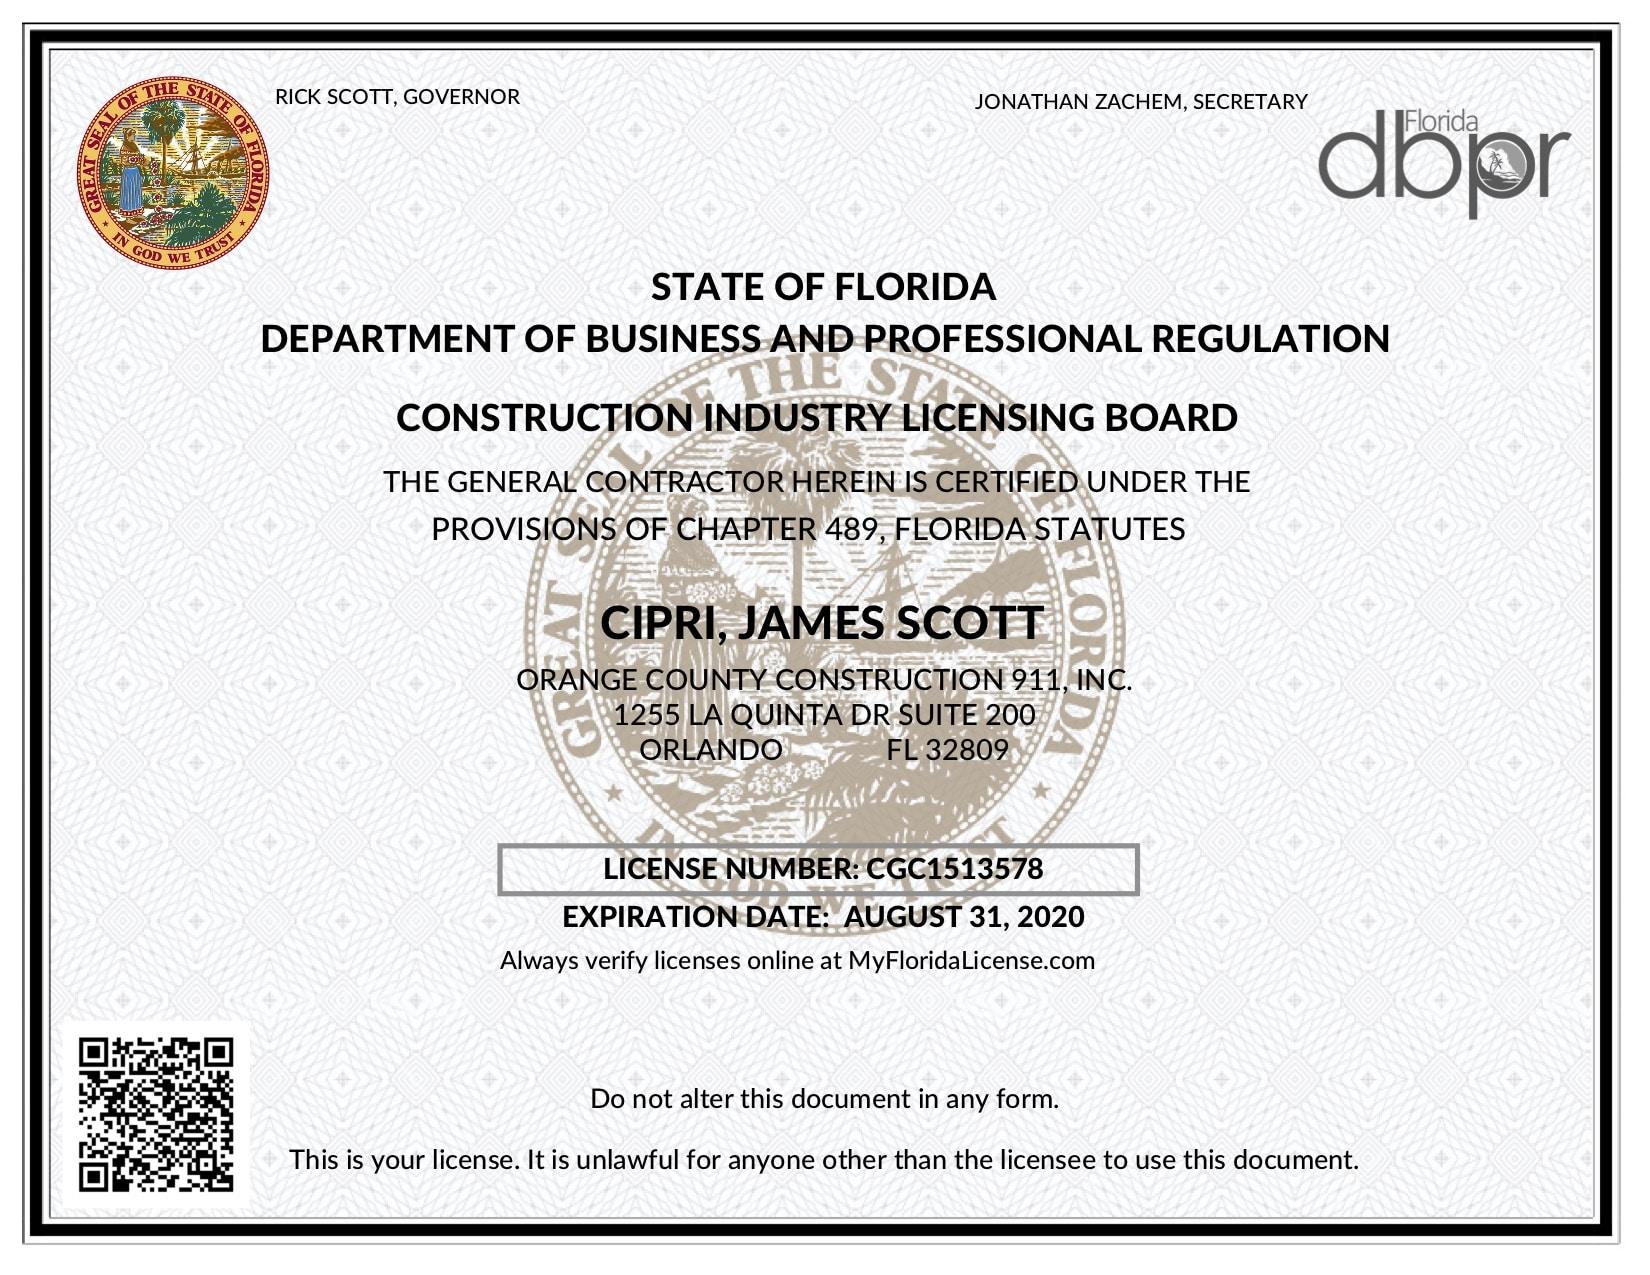 2019 CGC license - OCC